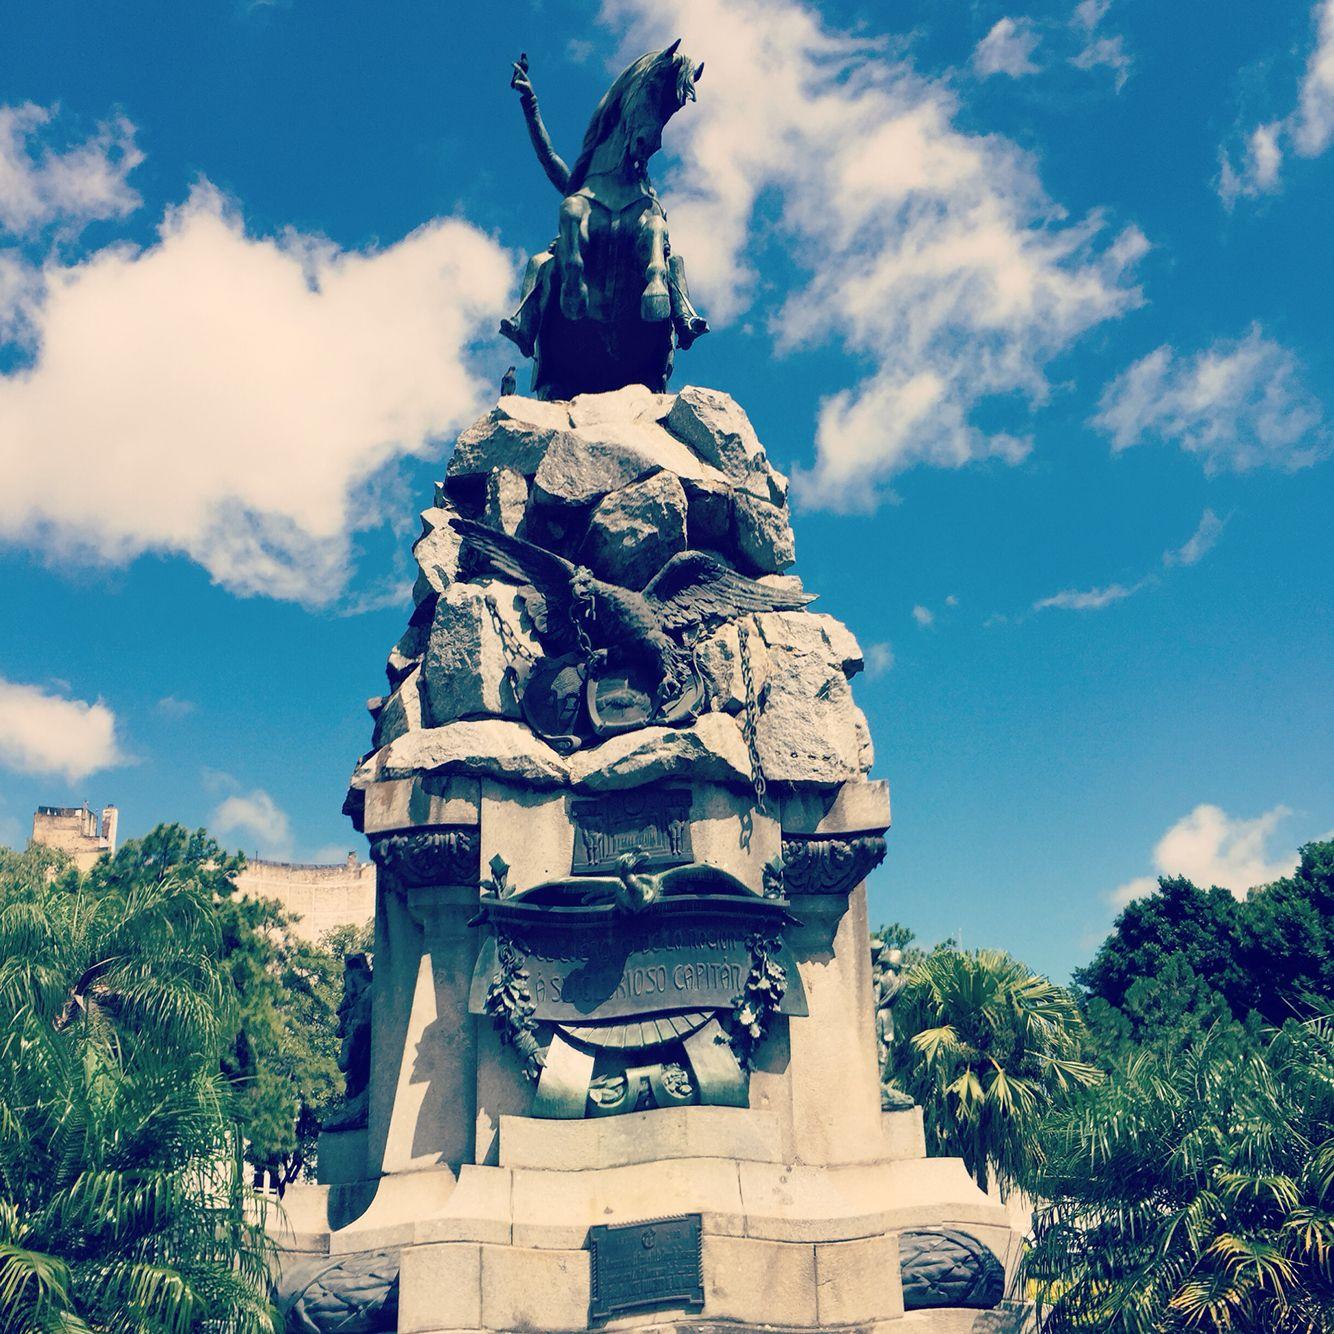 Plaza 25 de mayo - Corrientes